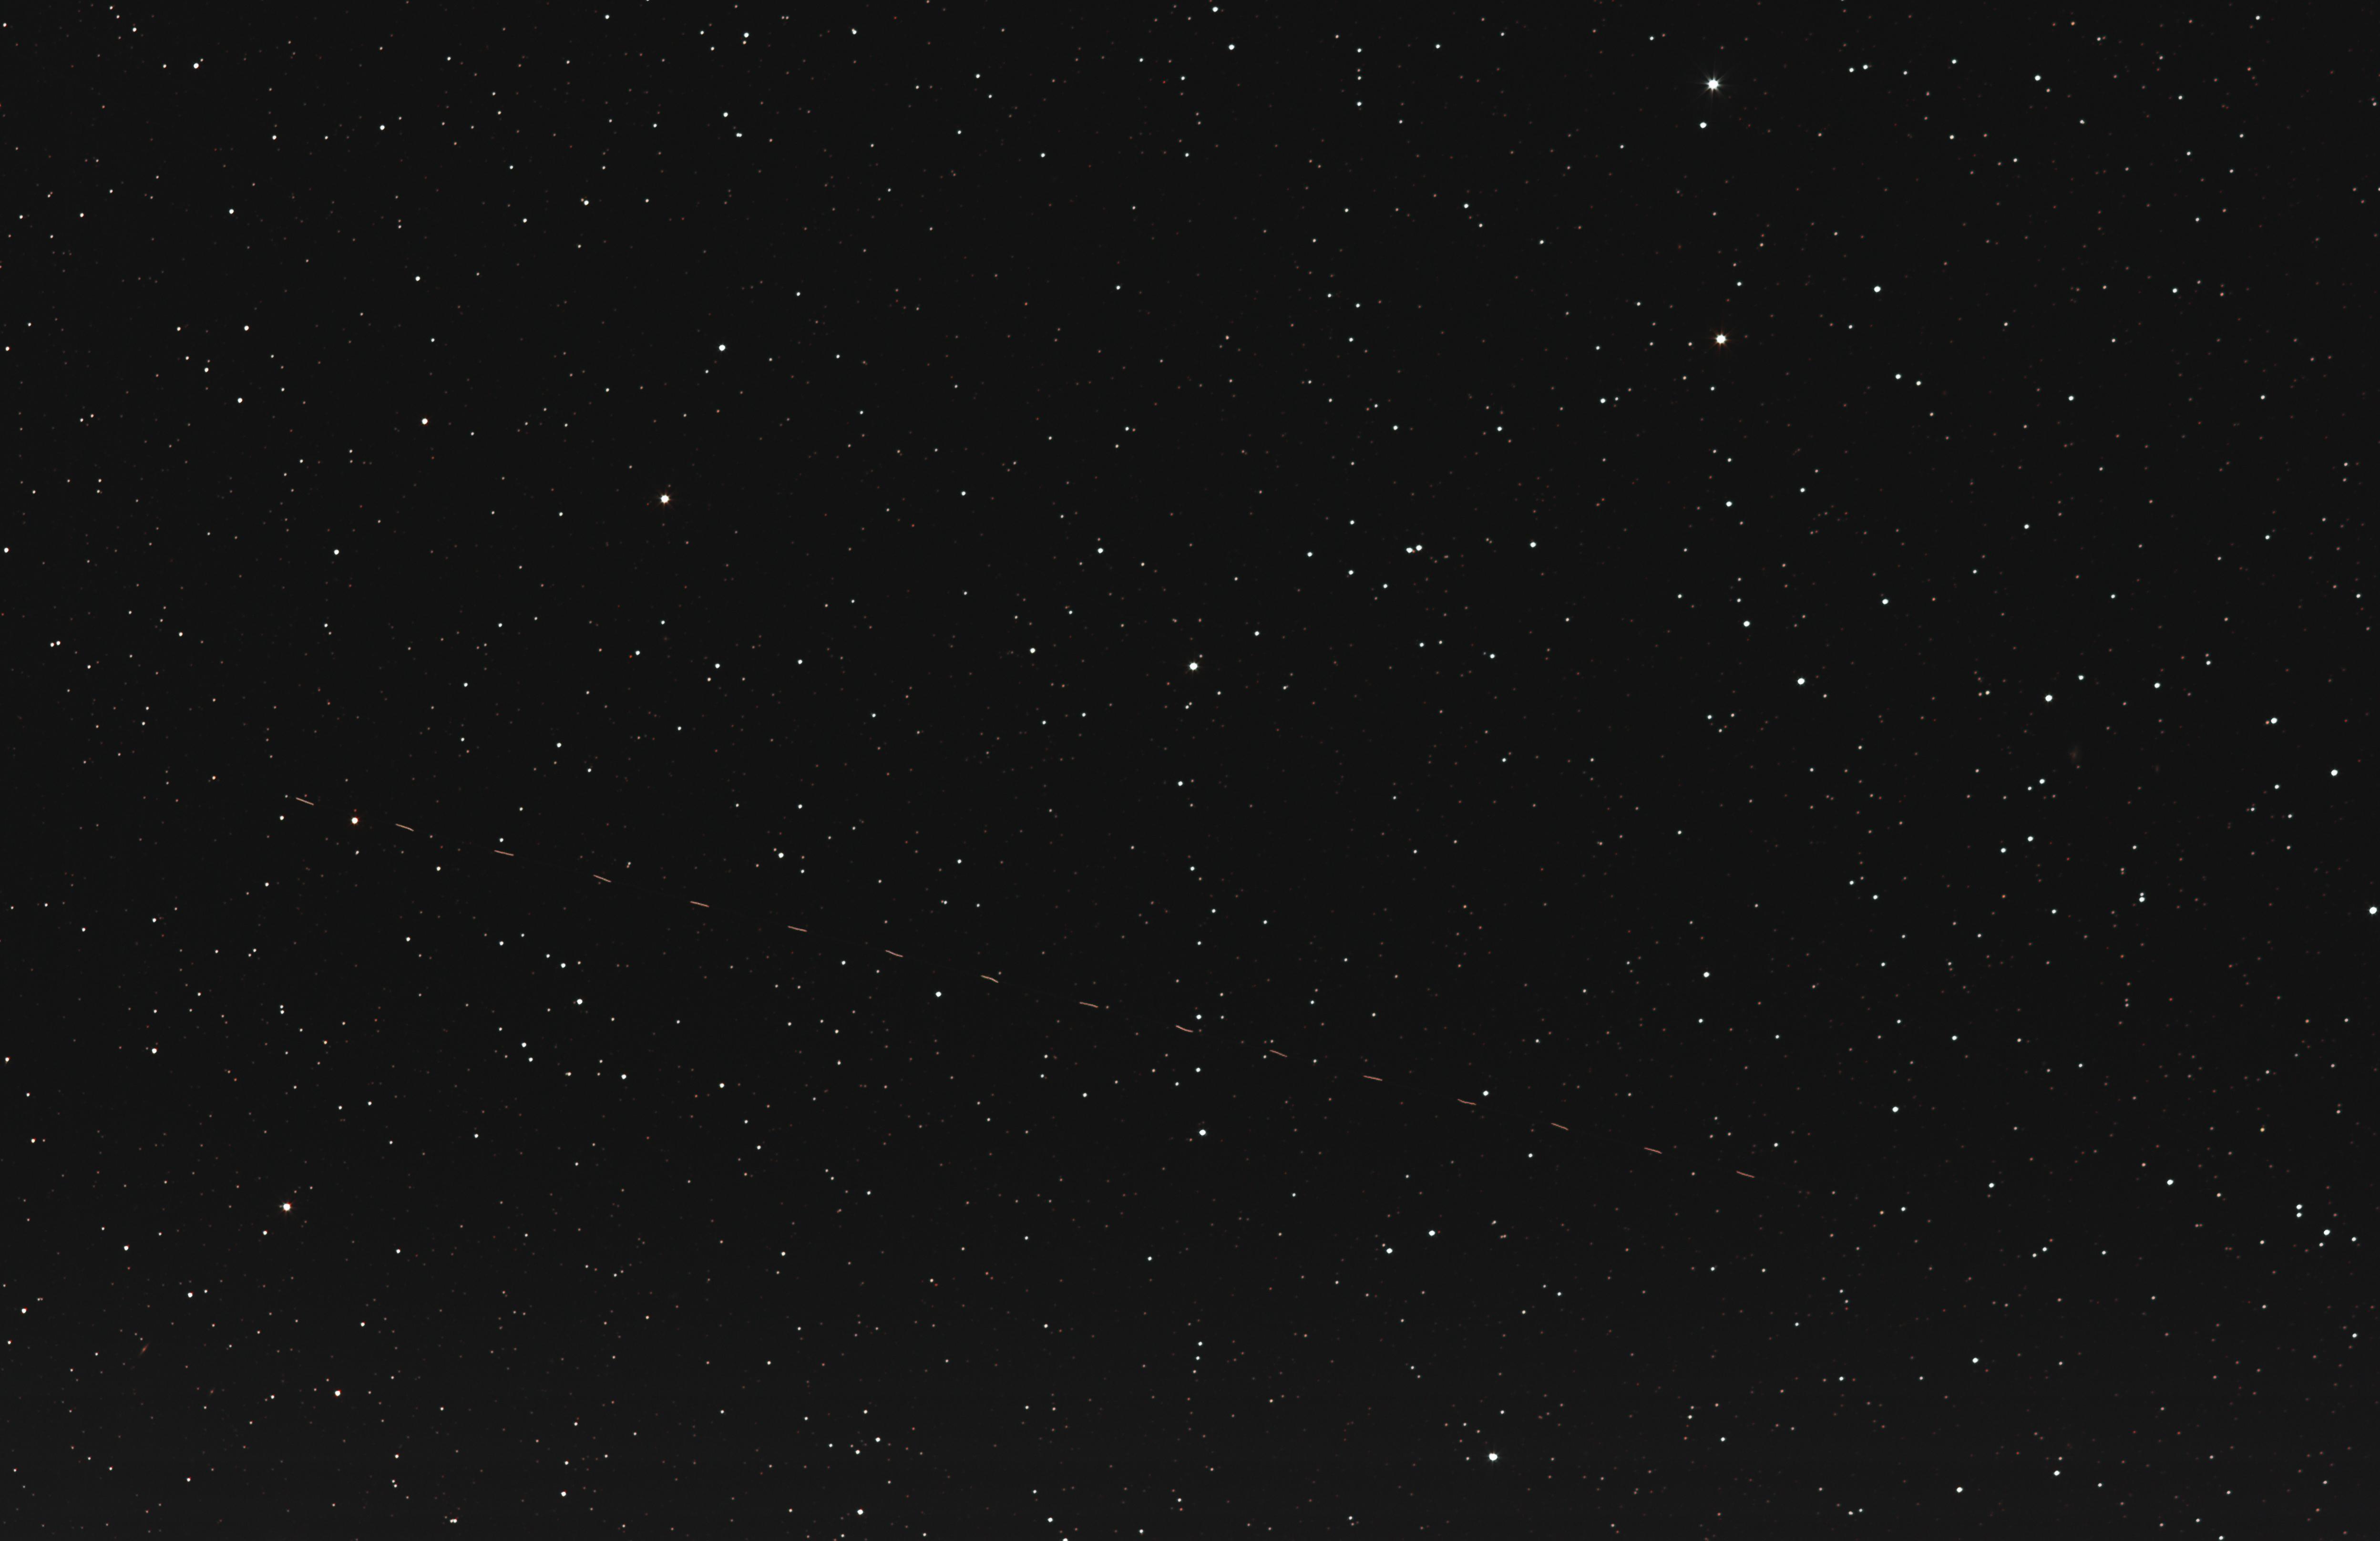 asteroid2014jo2519-4-17